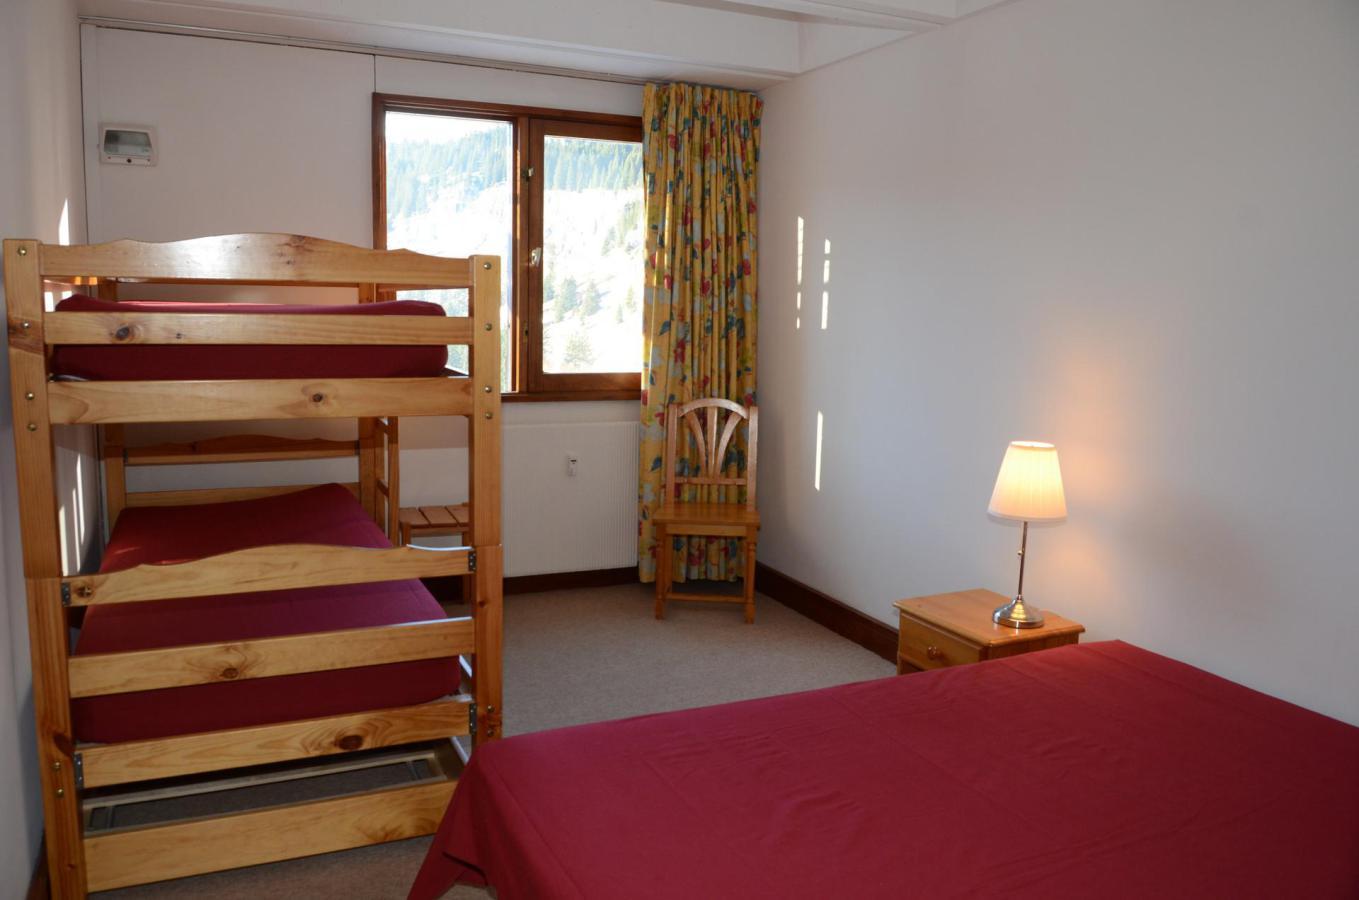 Location au ski Appartement 2 pièces 6 personnes (2) - La Residence Betelgeuse - Flaine - Lits superposés